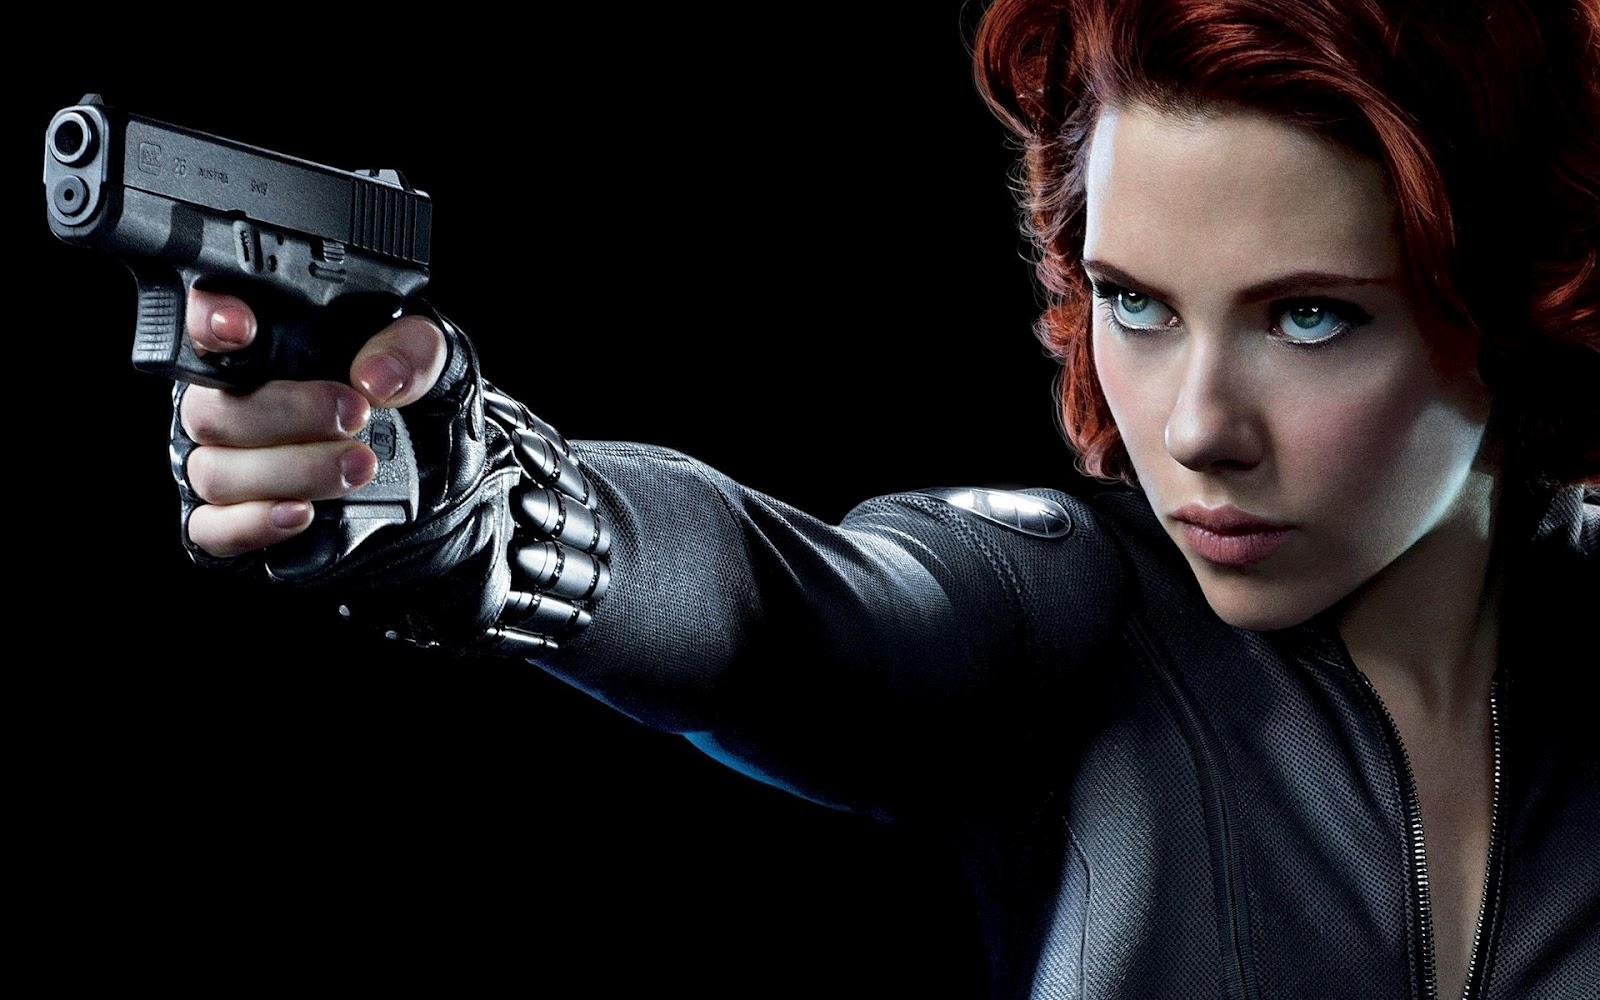 http://4.bp.blogspot.com/-zOt8bQXukl4/T7xqrOXQAxI/AAAAAAAAdkQ/WCcxgmajjTA/s1600/Scarlett-Johansson_The-Avanges_Los-Vengadores_Marvel.jpg